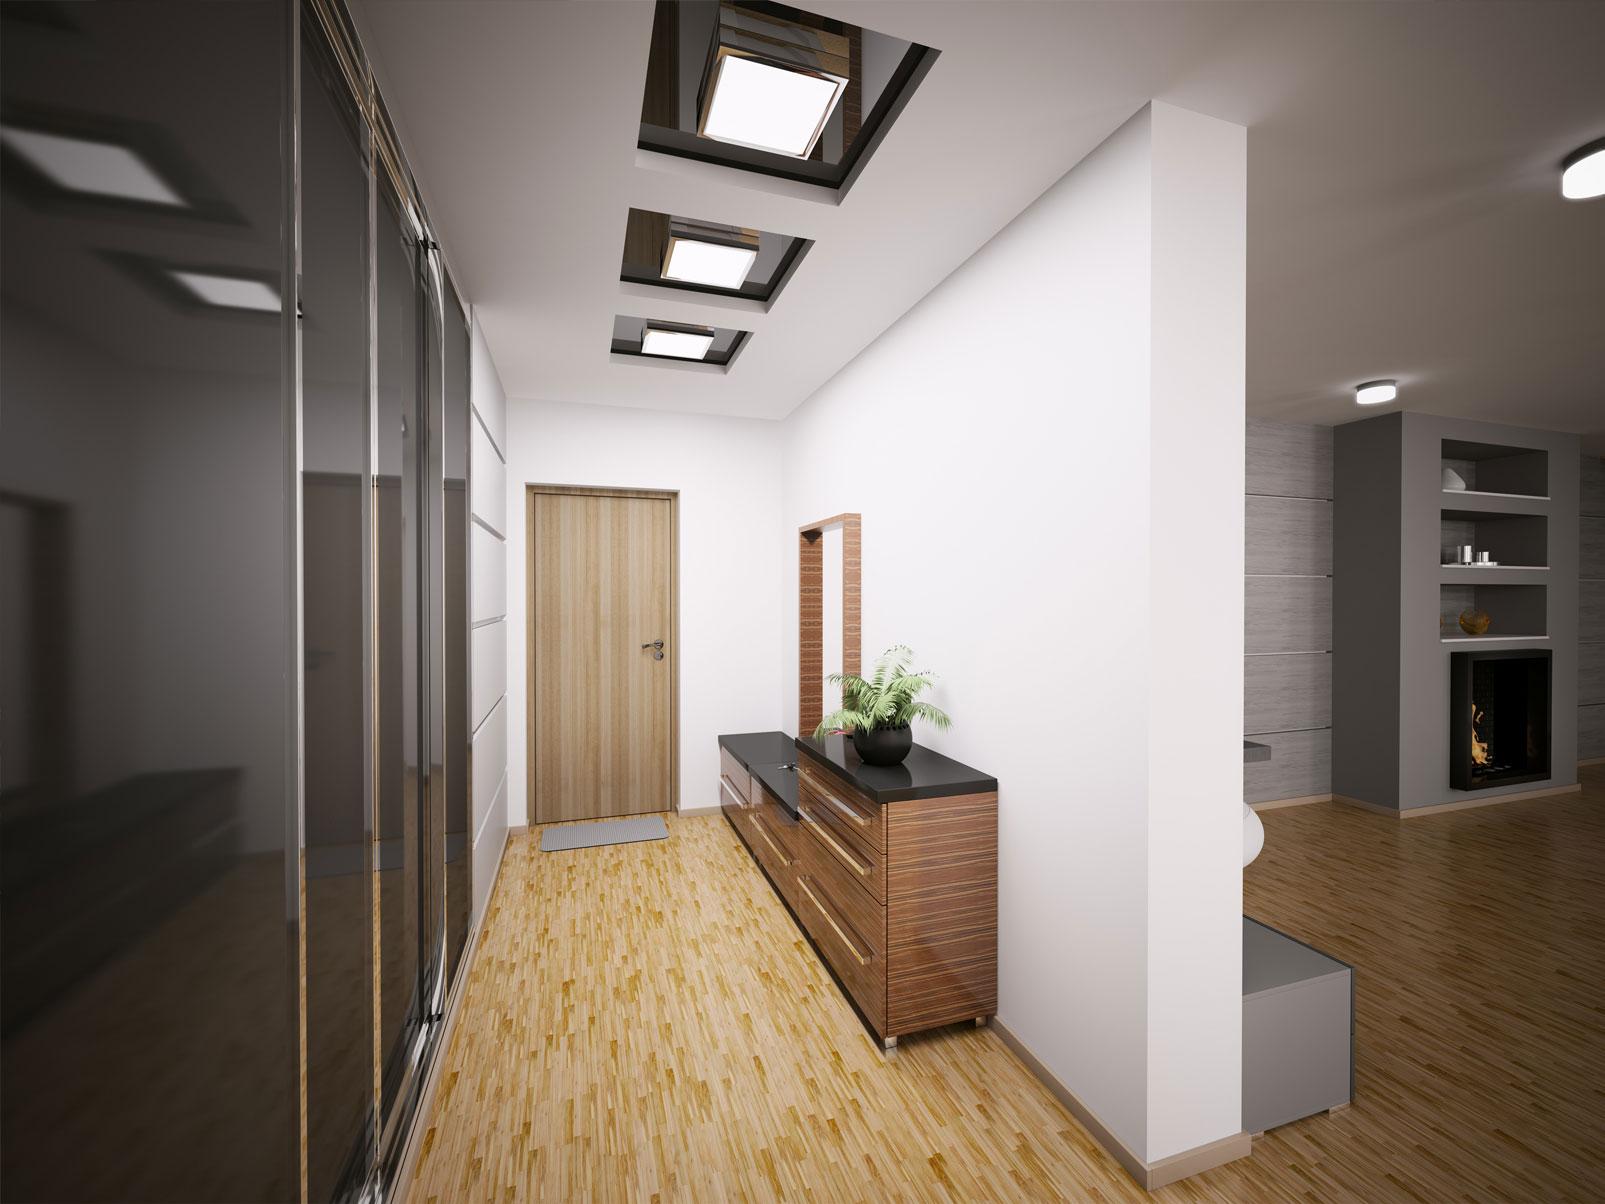 потолок из гипсокартона в коридоре дома фото желтых